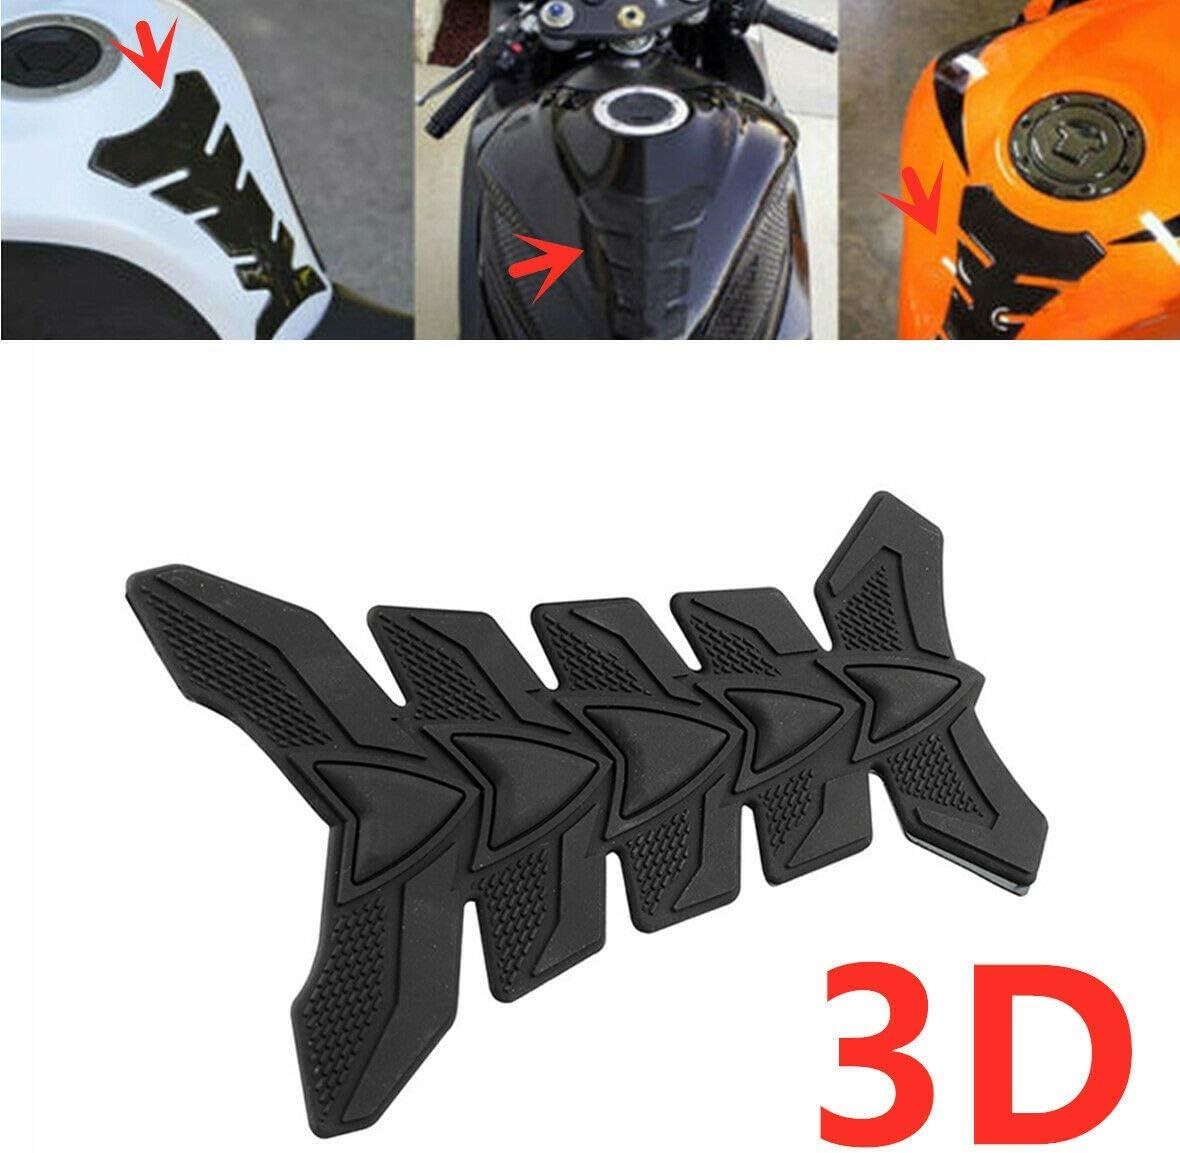 Maso Autocollant 3D en fibre de carbone pour r/éservoir de carburant de moto